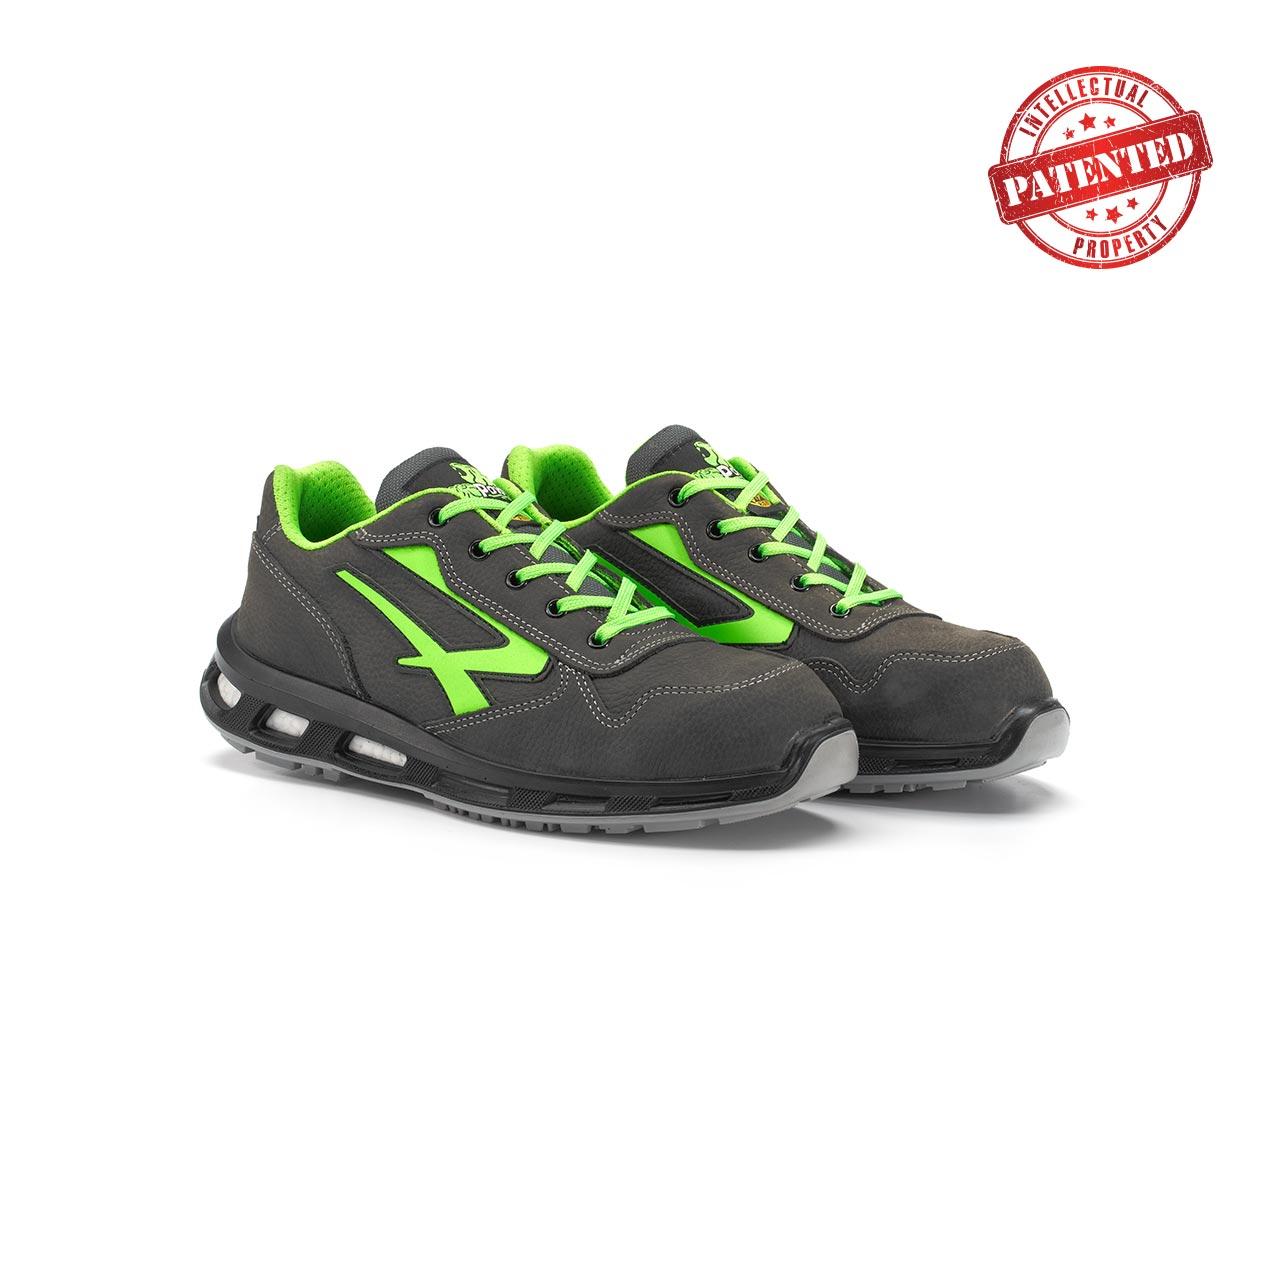 paio di scarpe antinfortunistiche upower modello yoda linea redlion vista prospettica